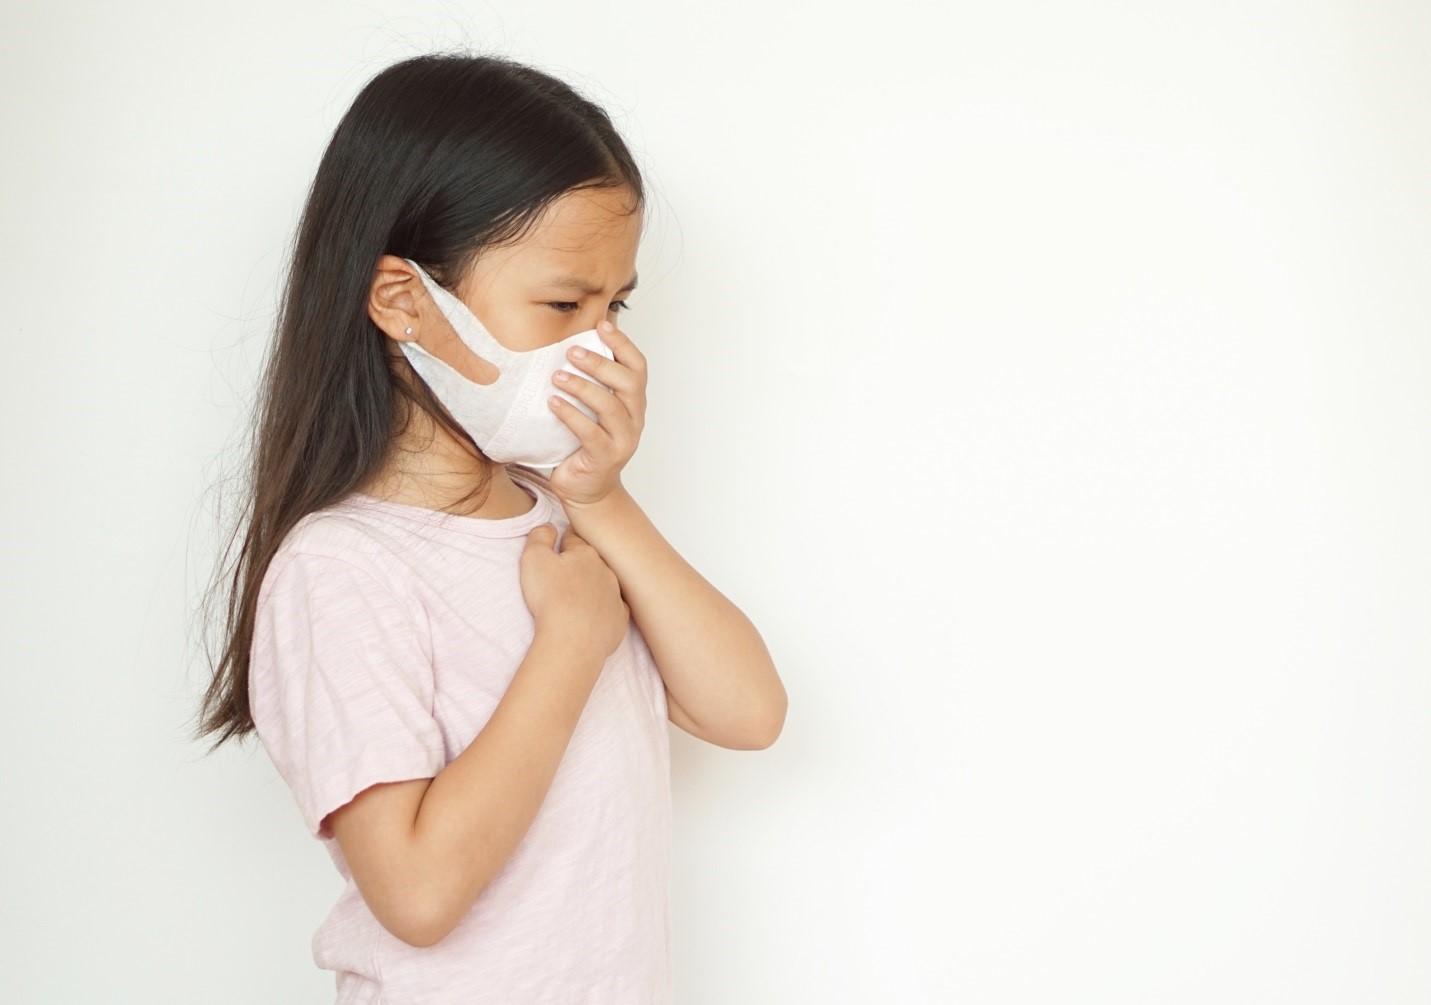 Pandemik Belum Berlalu, Tetap Waspada Penyebab dan Gejala Flu Disertai Batuk Pada Anak